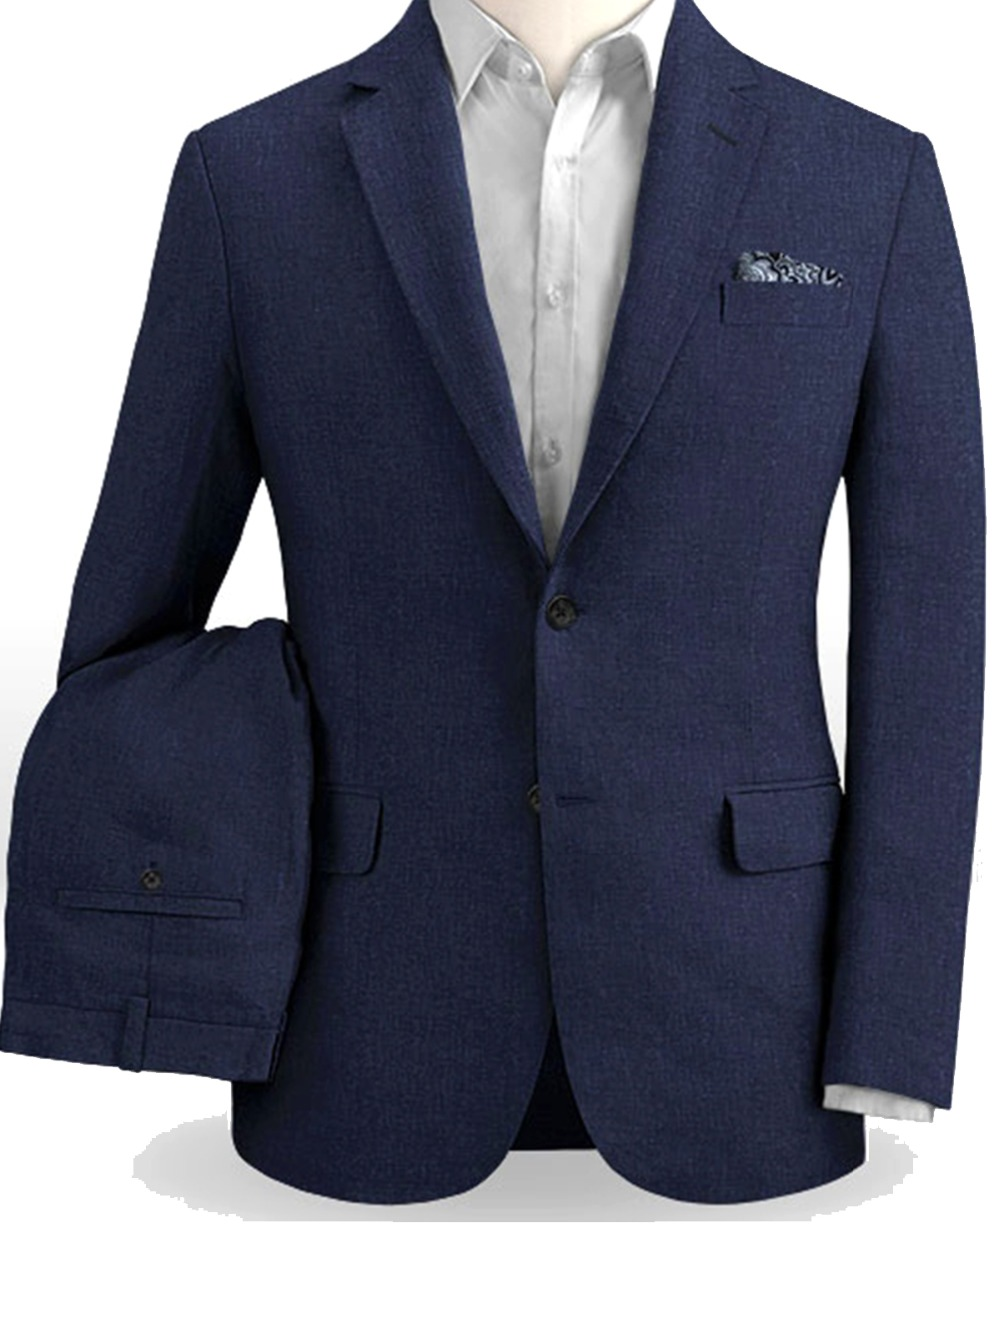 Erkek Kıyafeti'ten T. Elbise'de Açık Lacivert Keten Takım Elbise Erkekler Özel Yapılmış Slim Fit Hafif Damat Plaj Düğün Için Uygun Takım Elbise Erkekler Için nefes Kostüm'da  Grup 1